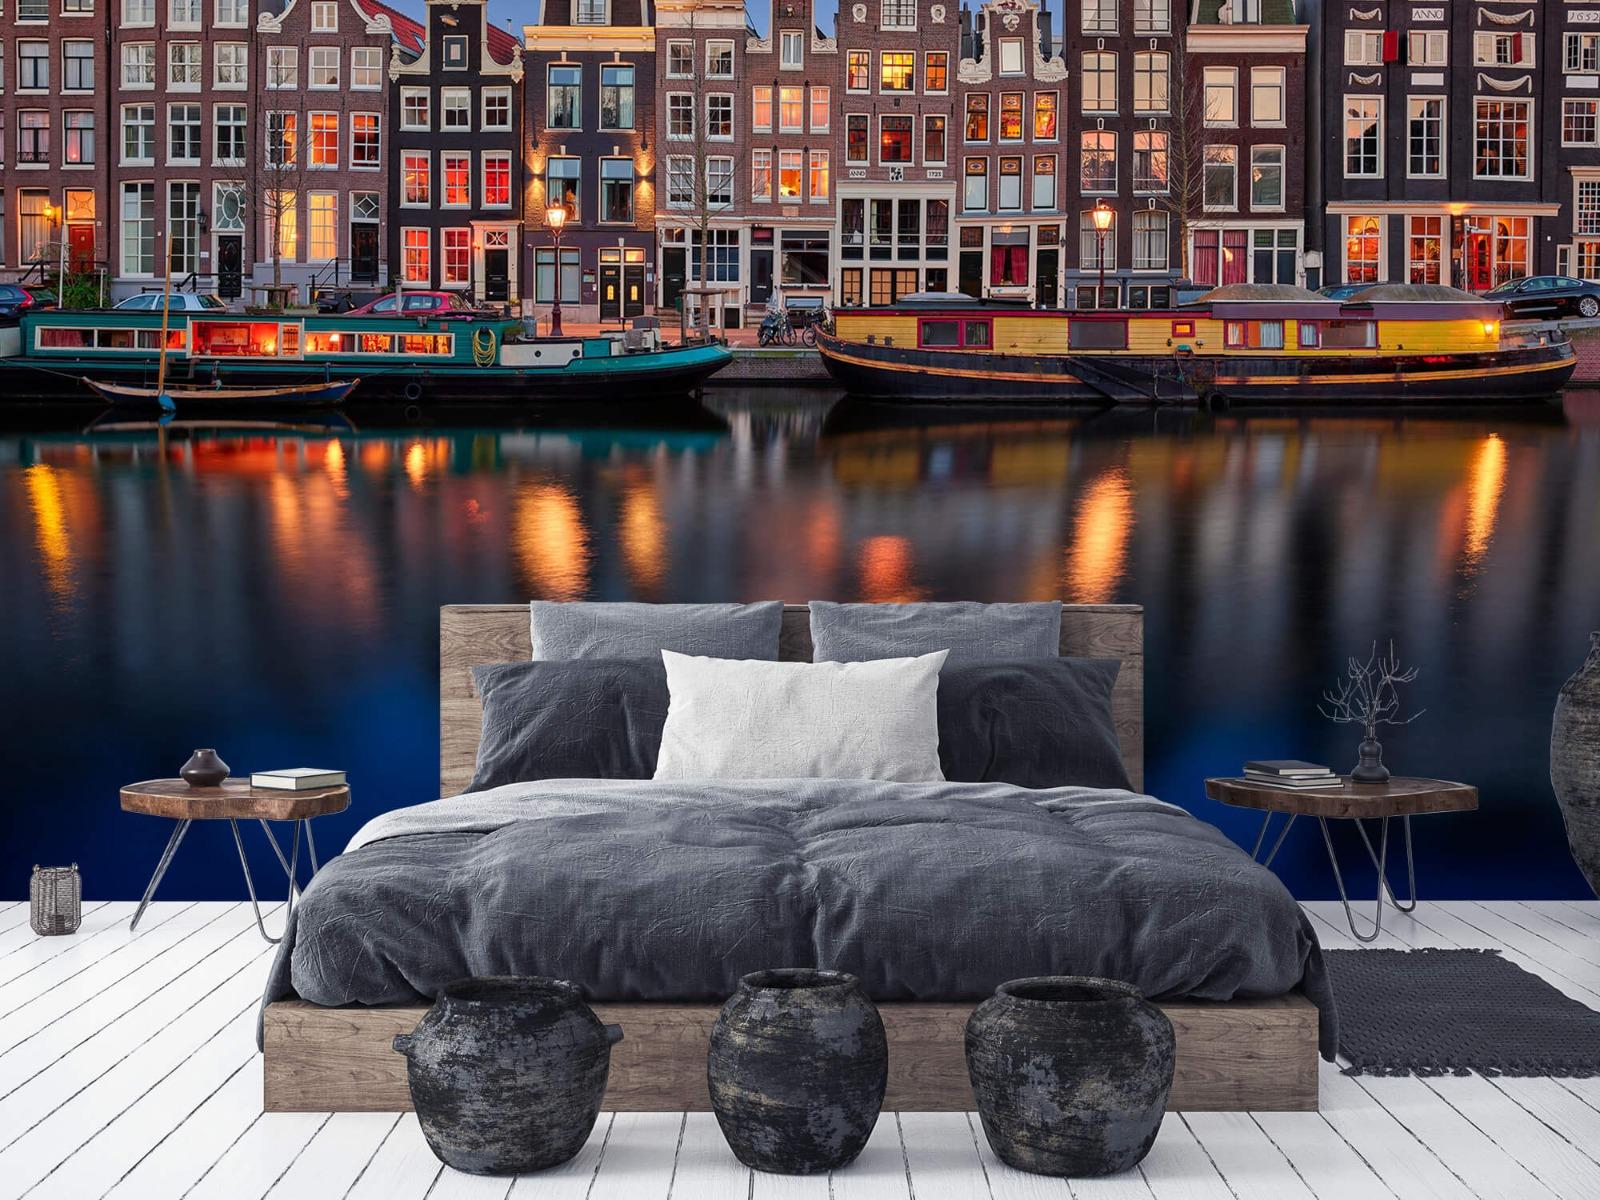 Architectuur - Grachtenpanden Amsterdam - Tienerkamer 5